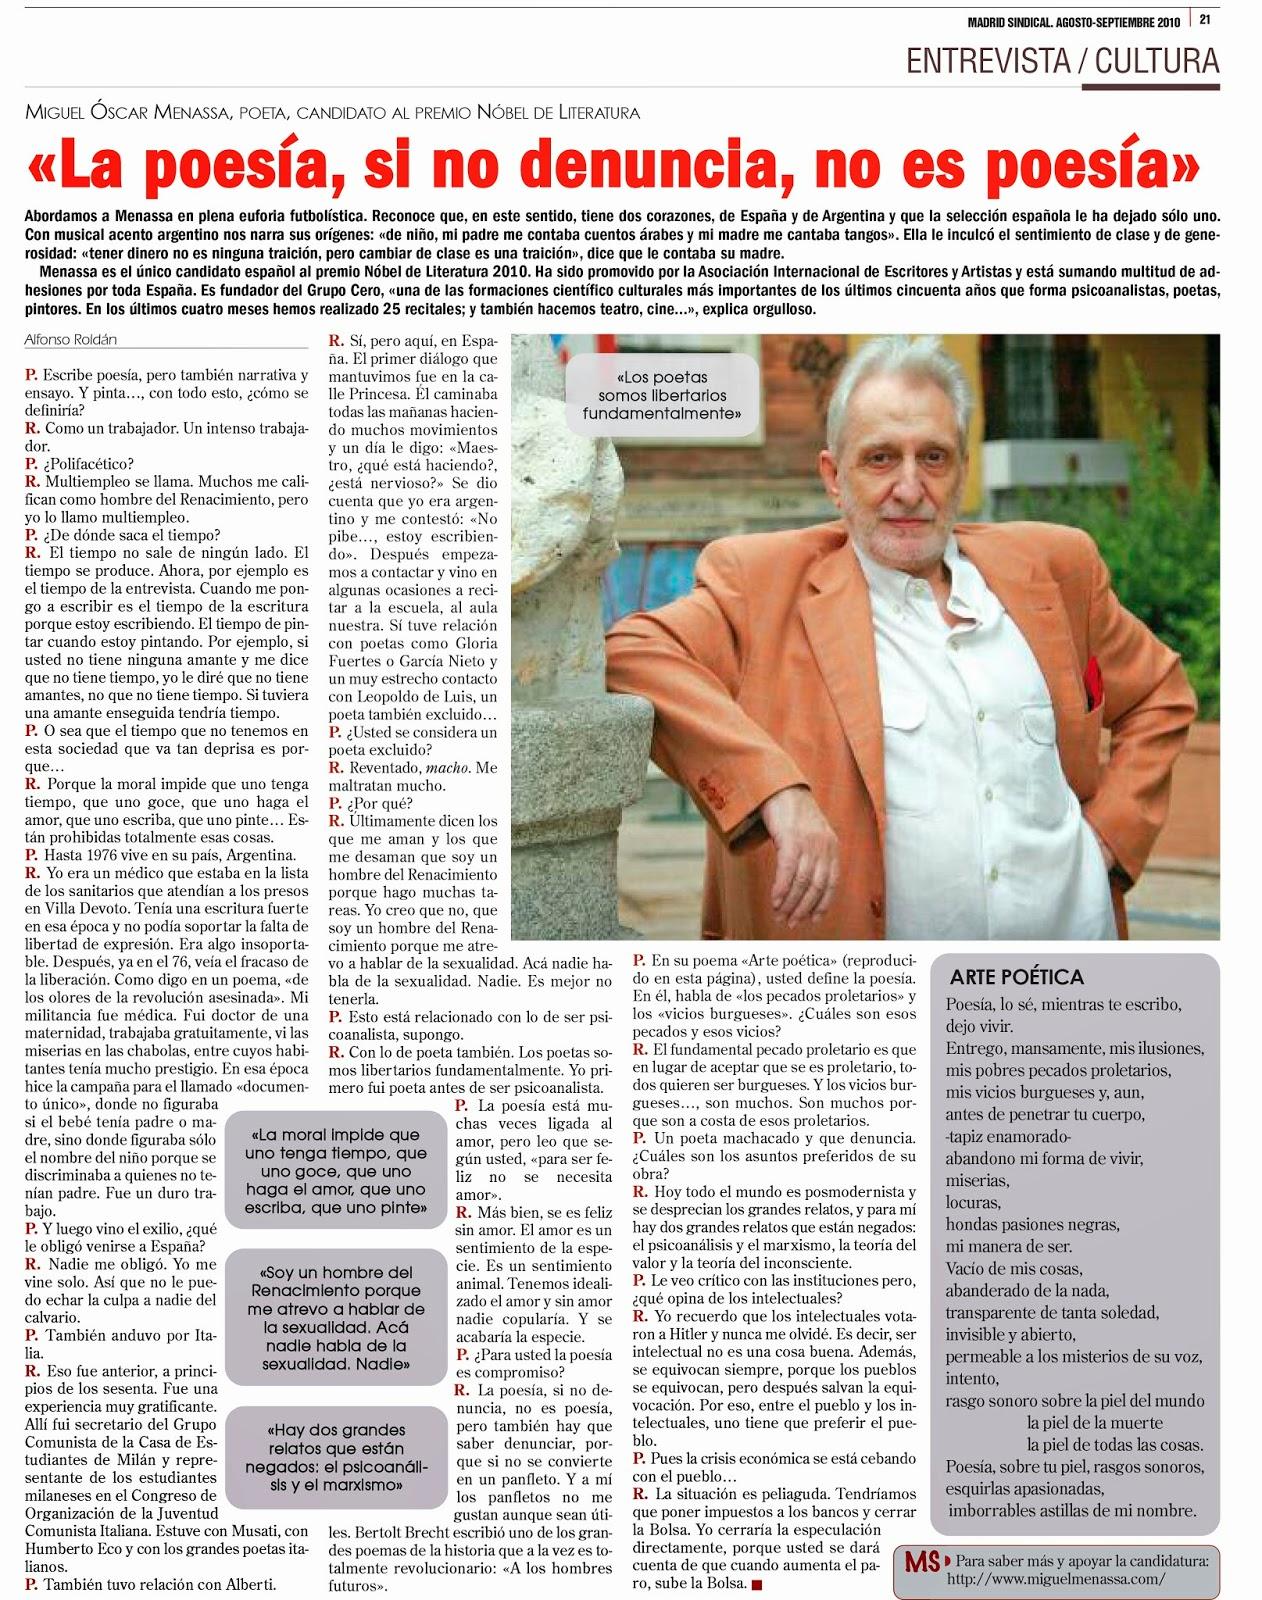 Miguel Óscar Menassa - Poeta